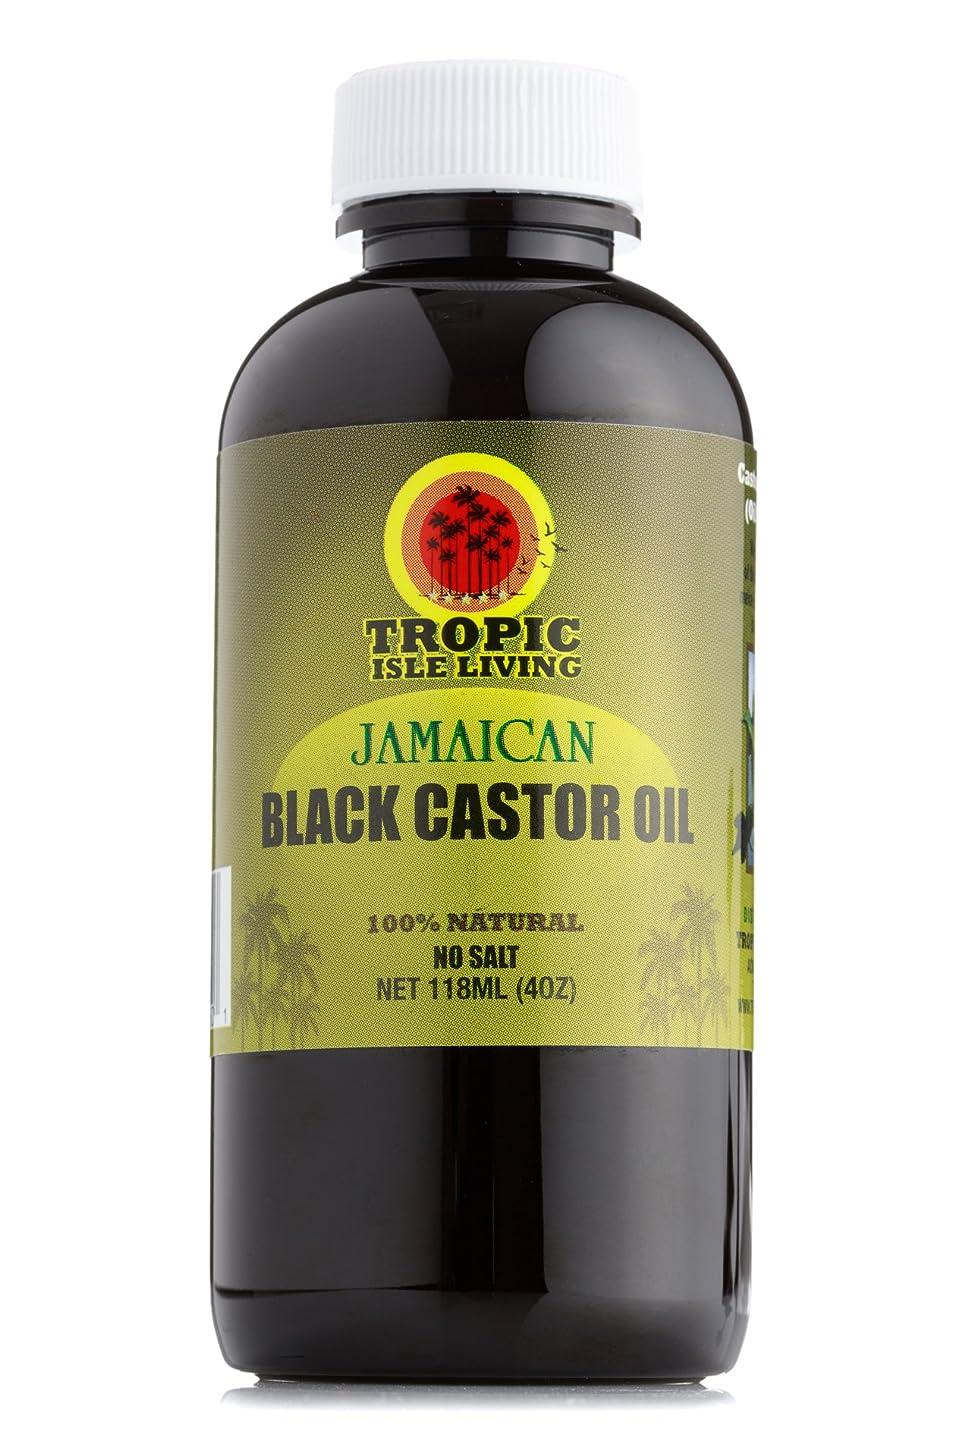 引き出し姉妹なにTropic Isle Living ジャマイカ黒ヒマシ油(4オンス/118ミリリットル) Jamaican black castor oil (4oz / 118ml)